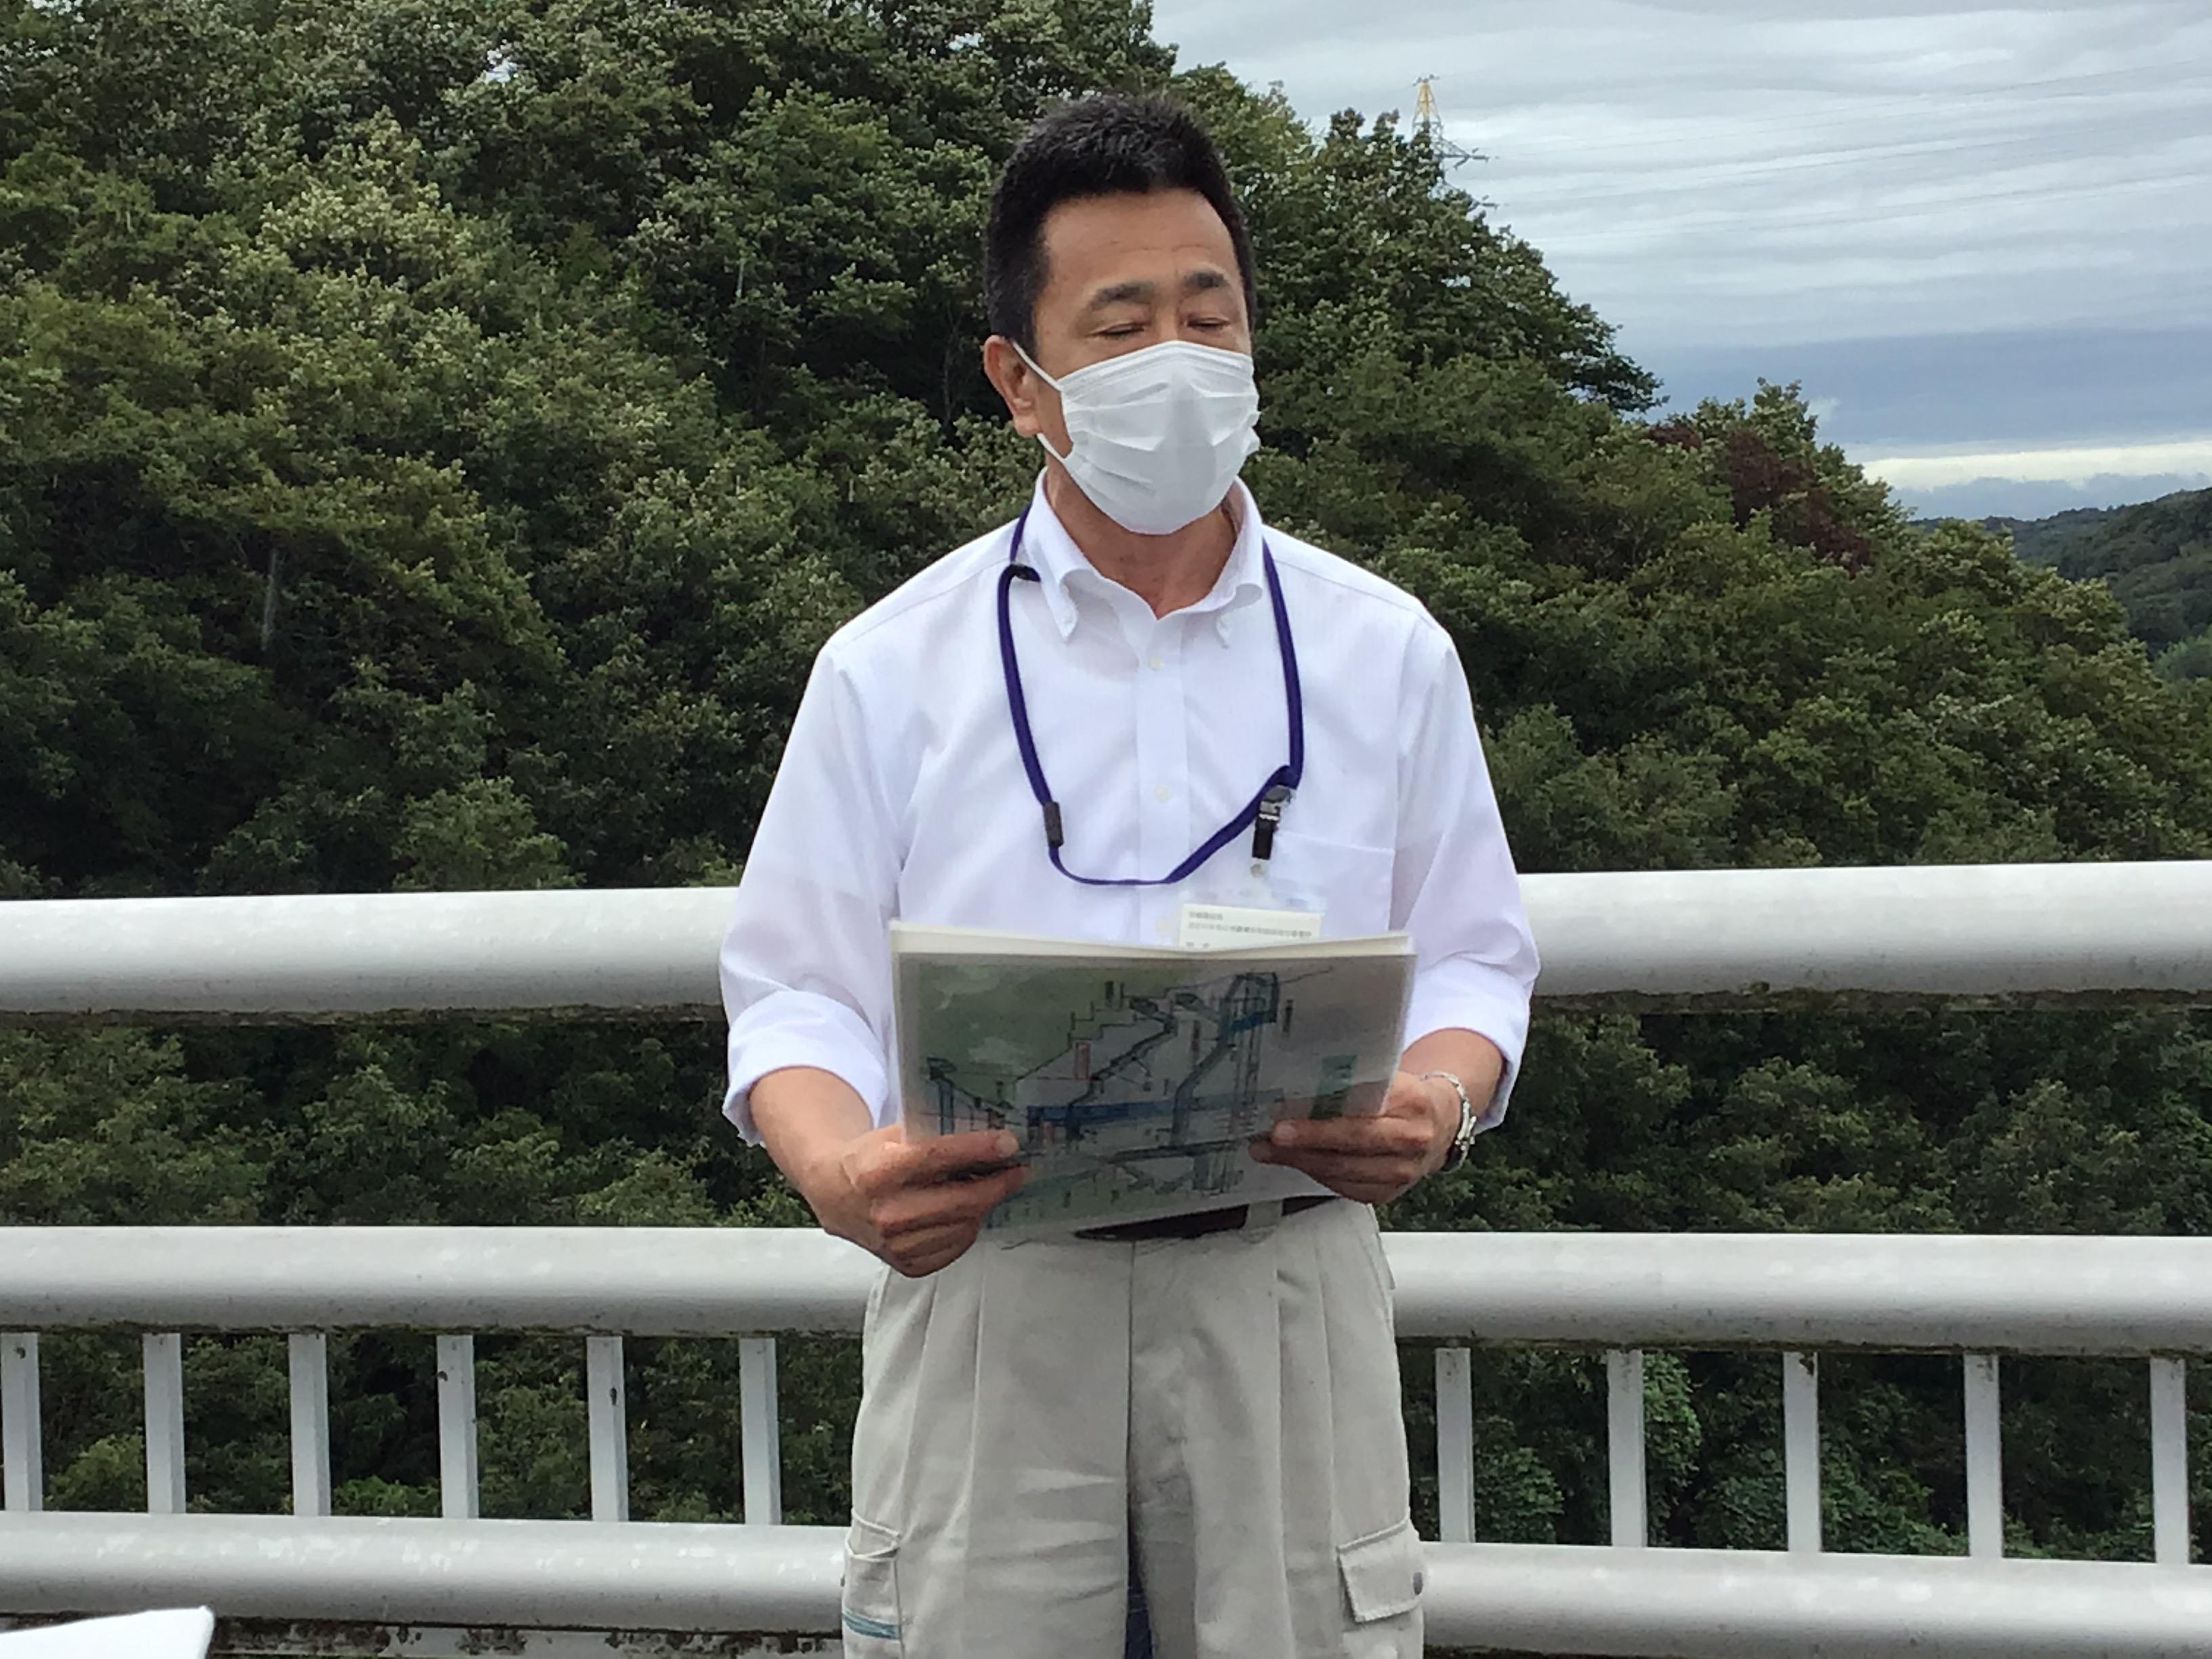 福森所長に吞吐ダムの概要について丁寧に説明していただきました。雨の為、放流量が凄く音が大きくて迫力満点でした。(絶景)